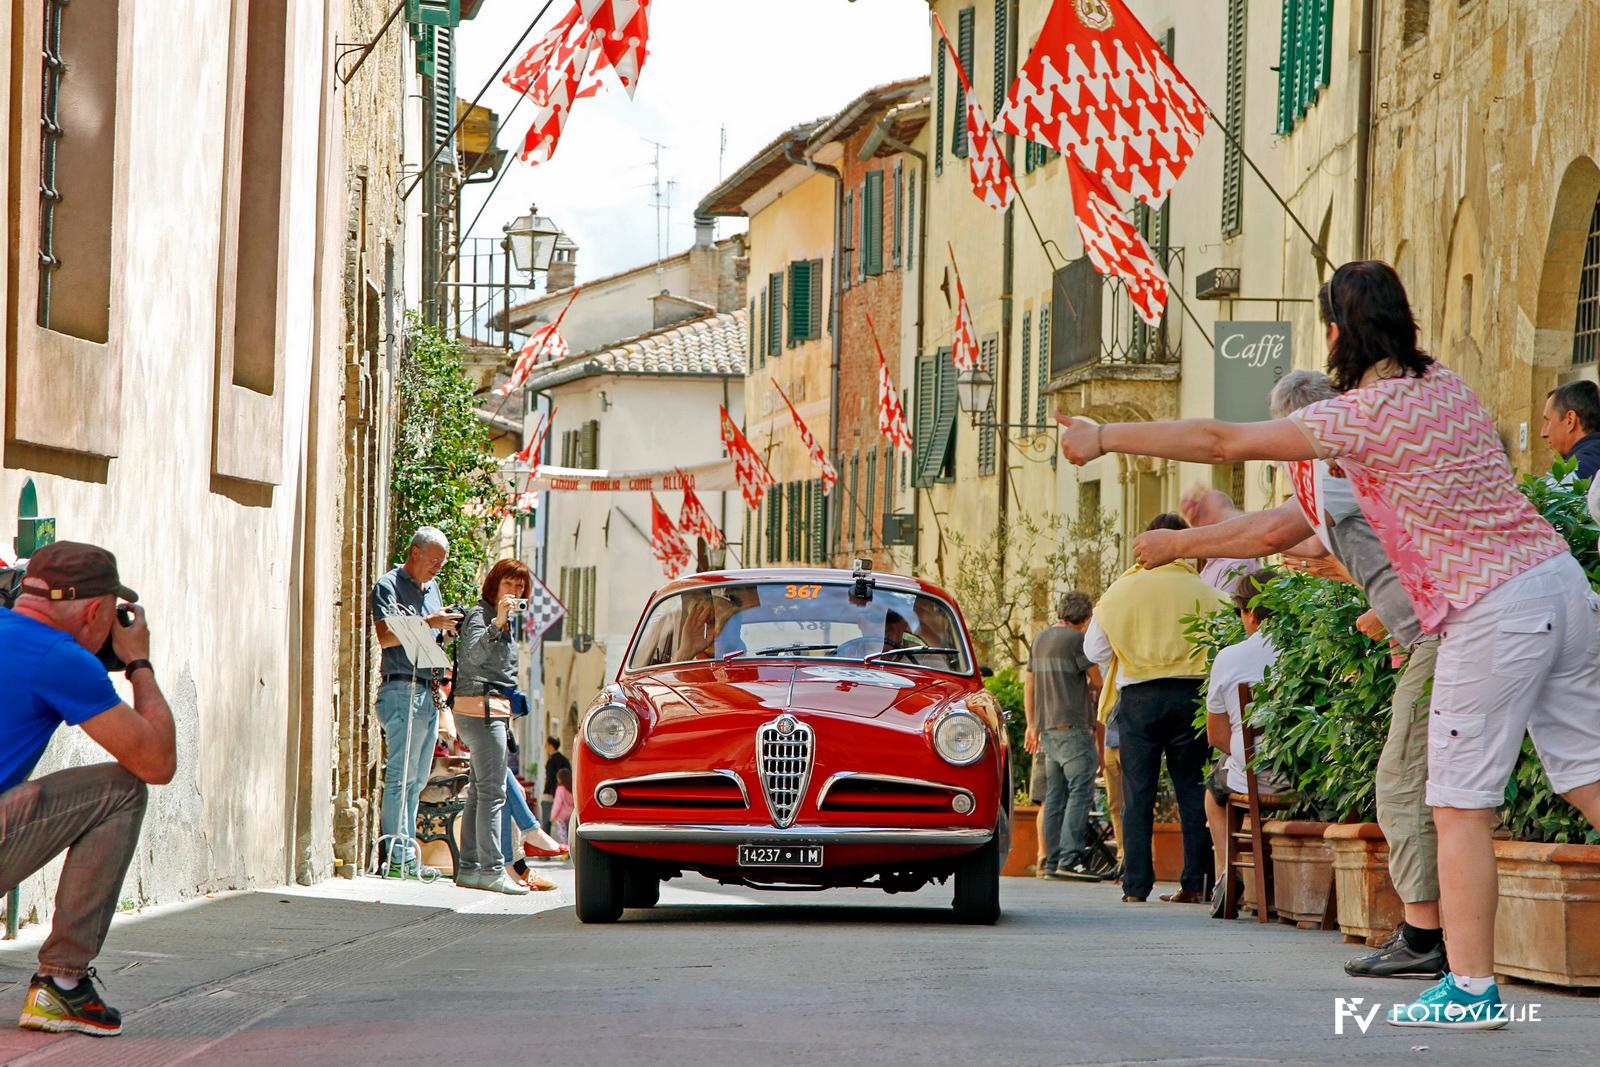 Ljudje v lepem kraju San Quirico d'Orcia so z navdušenjem pozdravljali prav vsak avtomobil.